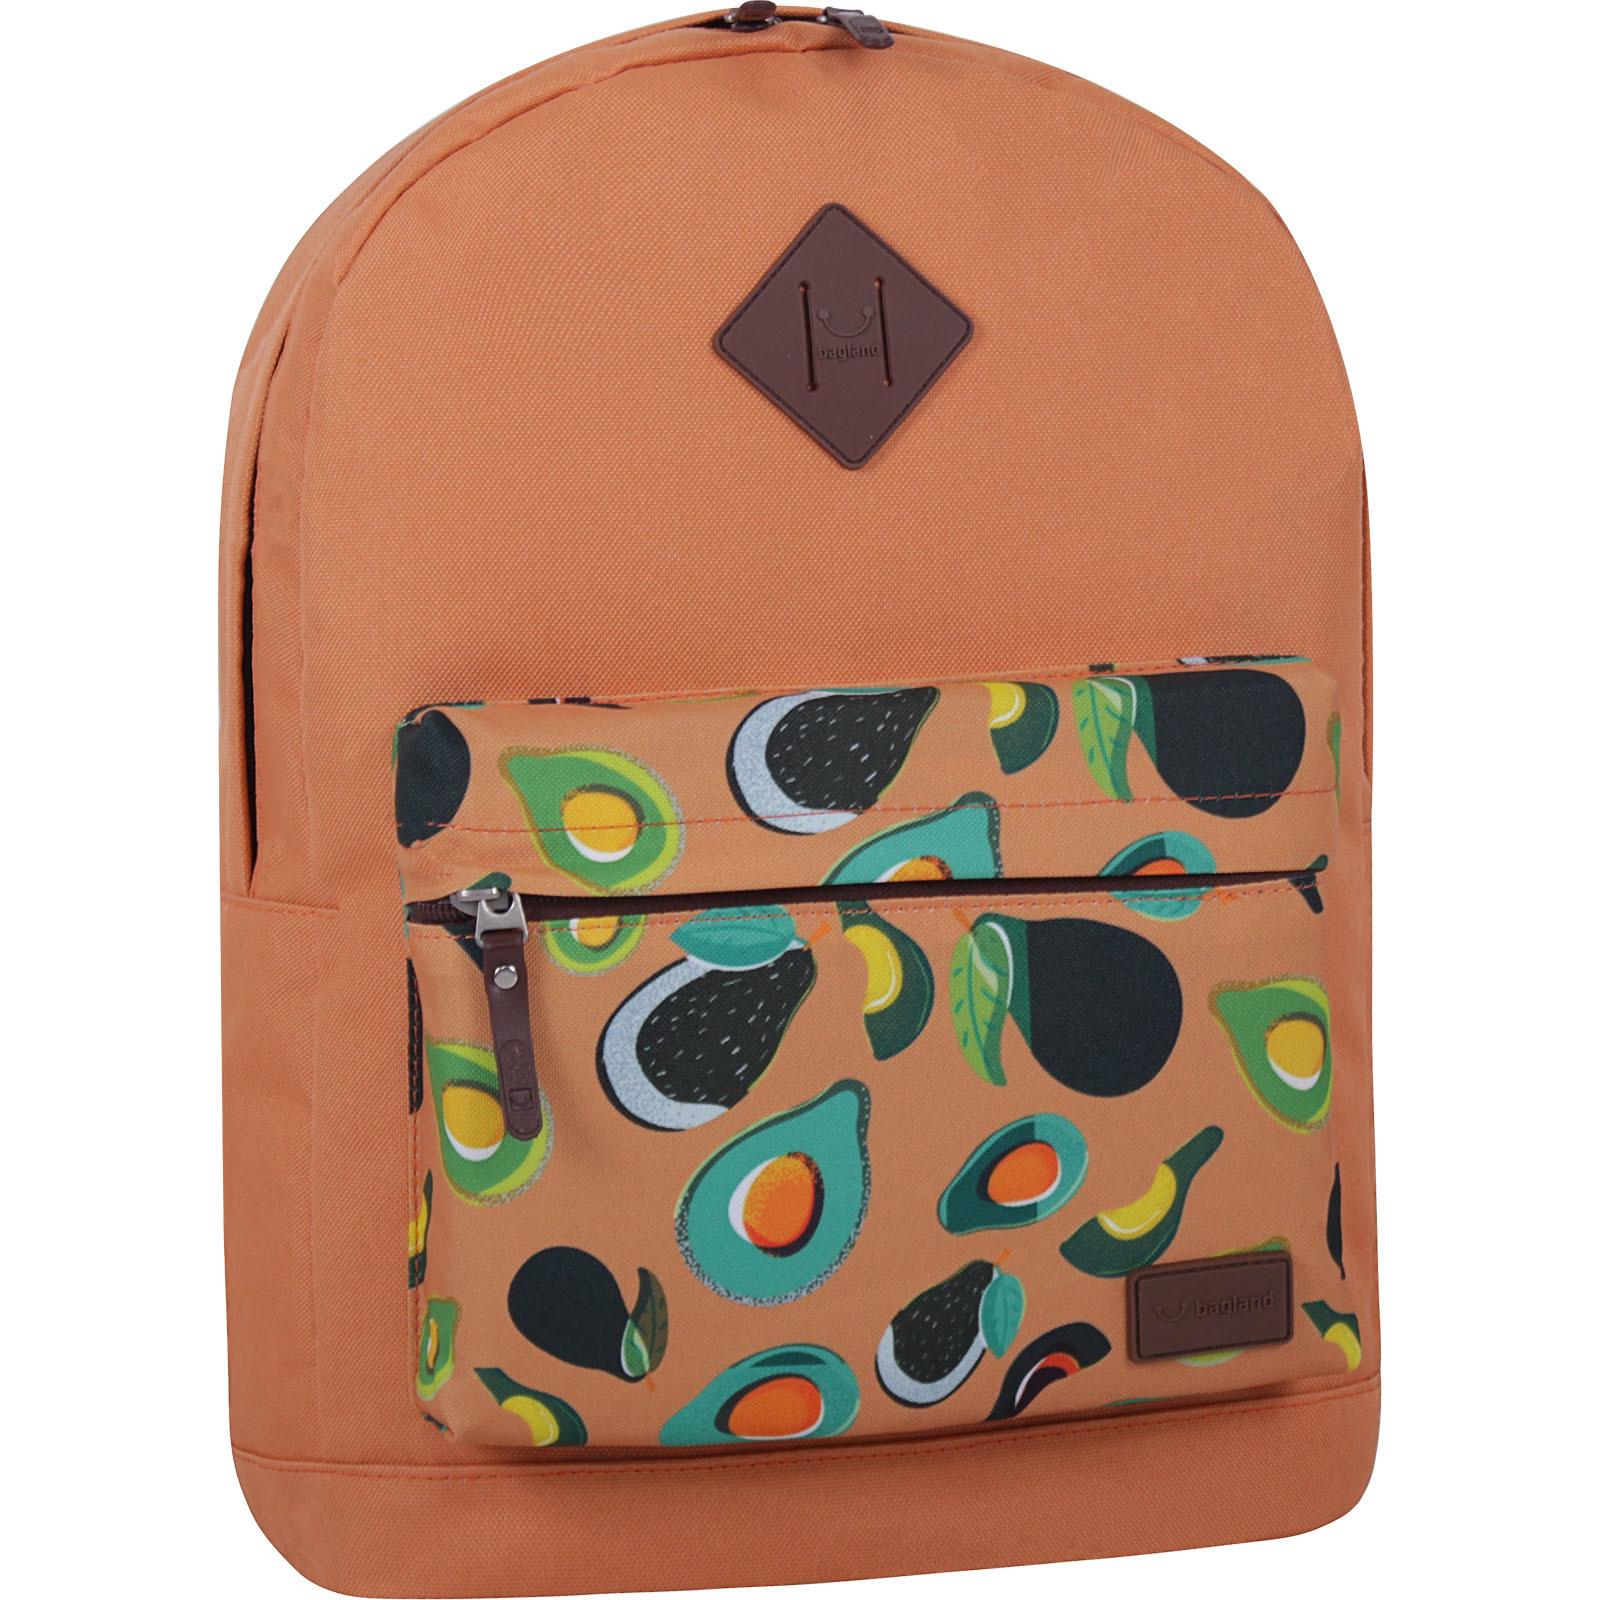 Городские рюкзаки Рюкзак Bagland Молодежный W/R 17 л. Рыжий 754 (00533662) IMG_7227_суб.754_-1600.jpg